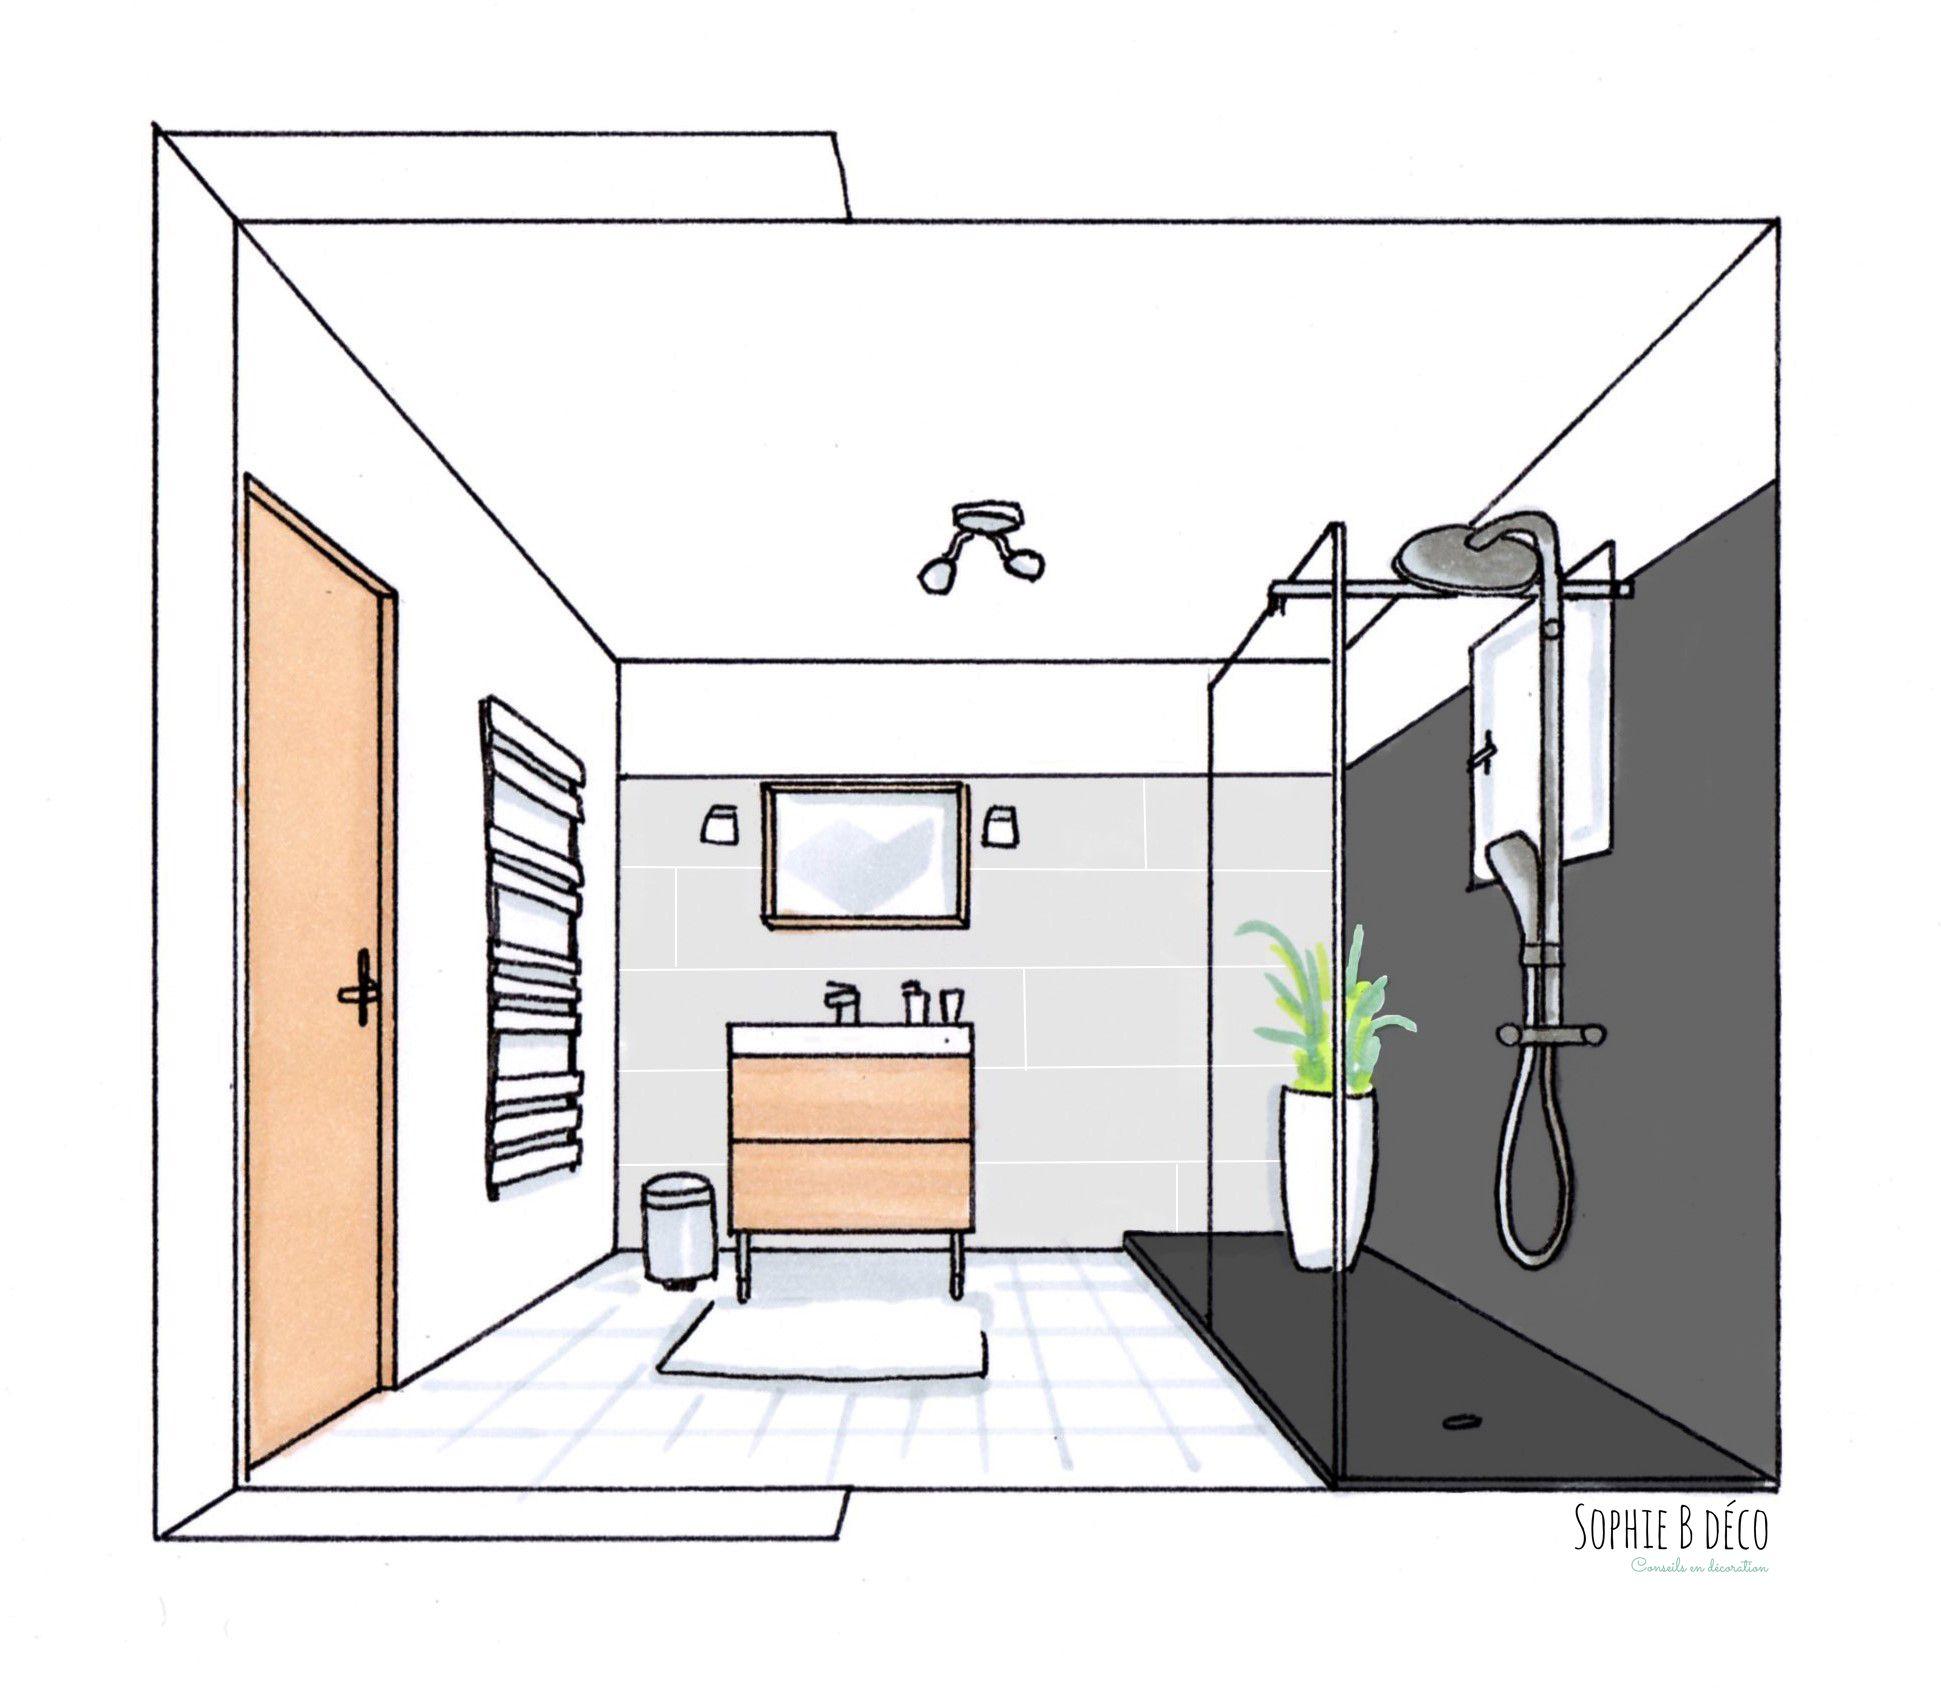 Croquis salle de bain r novation en gris blanc et bois sophie b d coratrice d 39 int rieur www - Salle de bain grise et bois ...